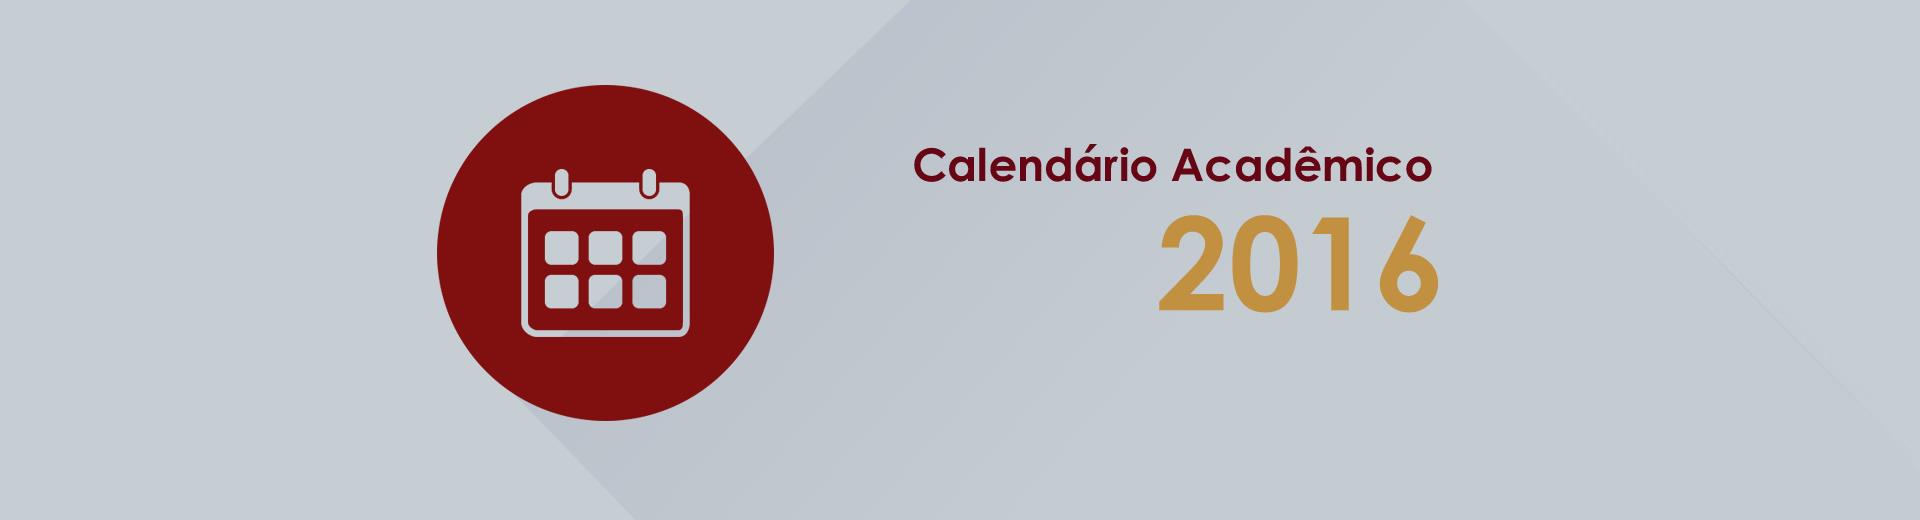 upe-calendario-academico2016